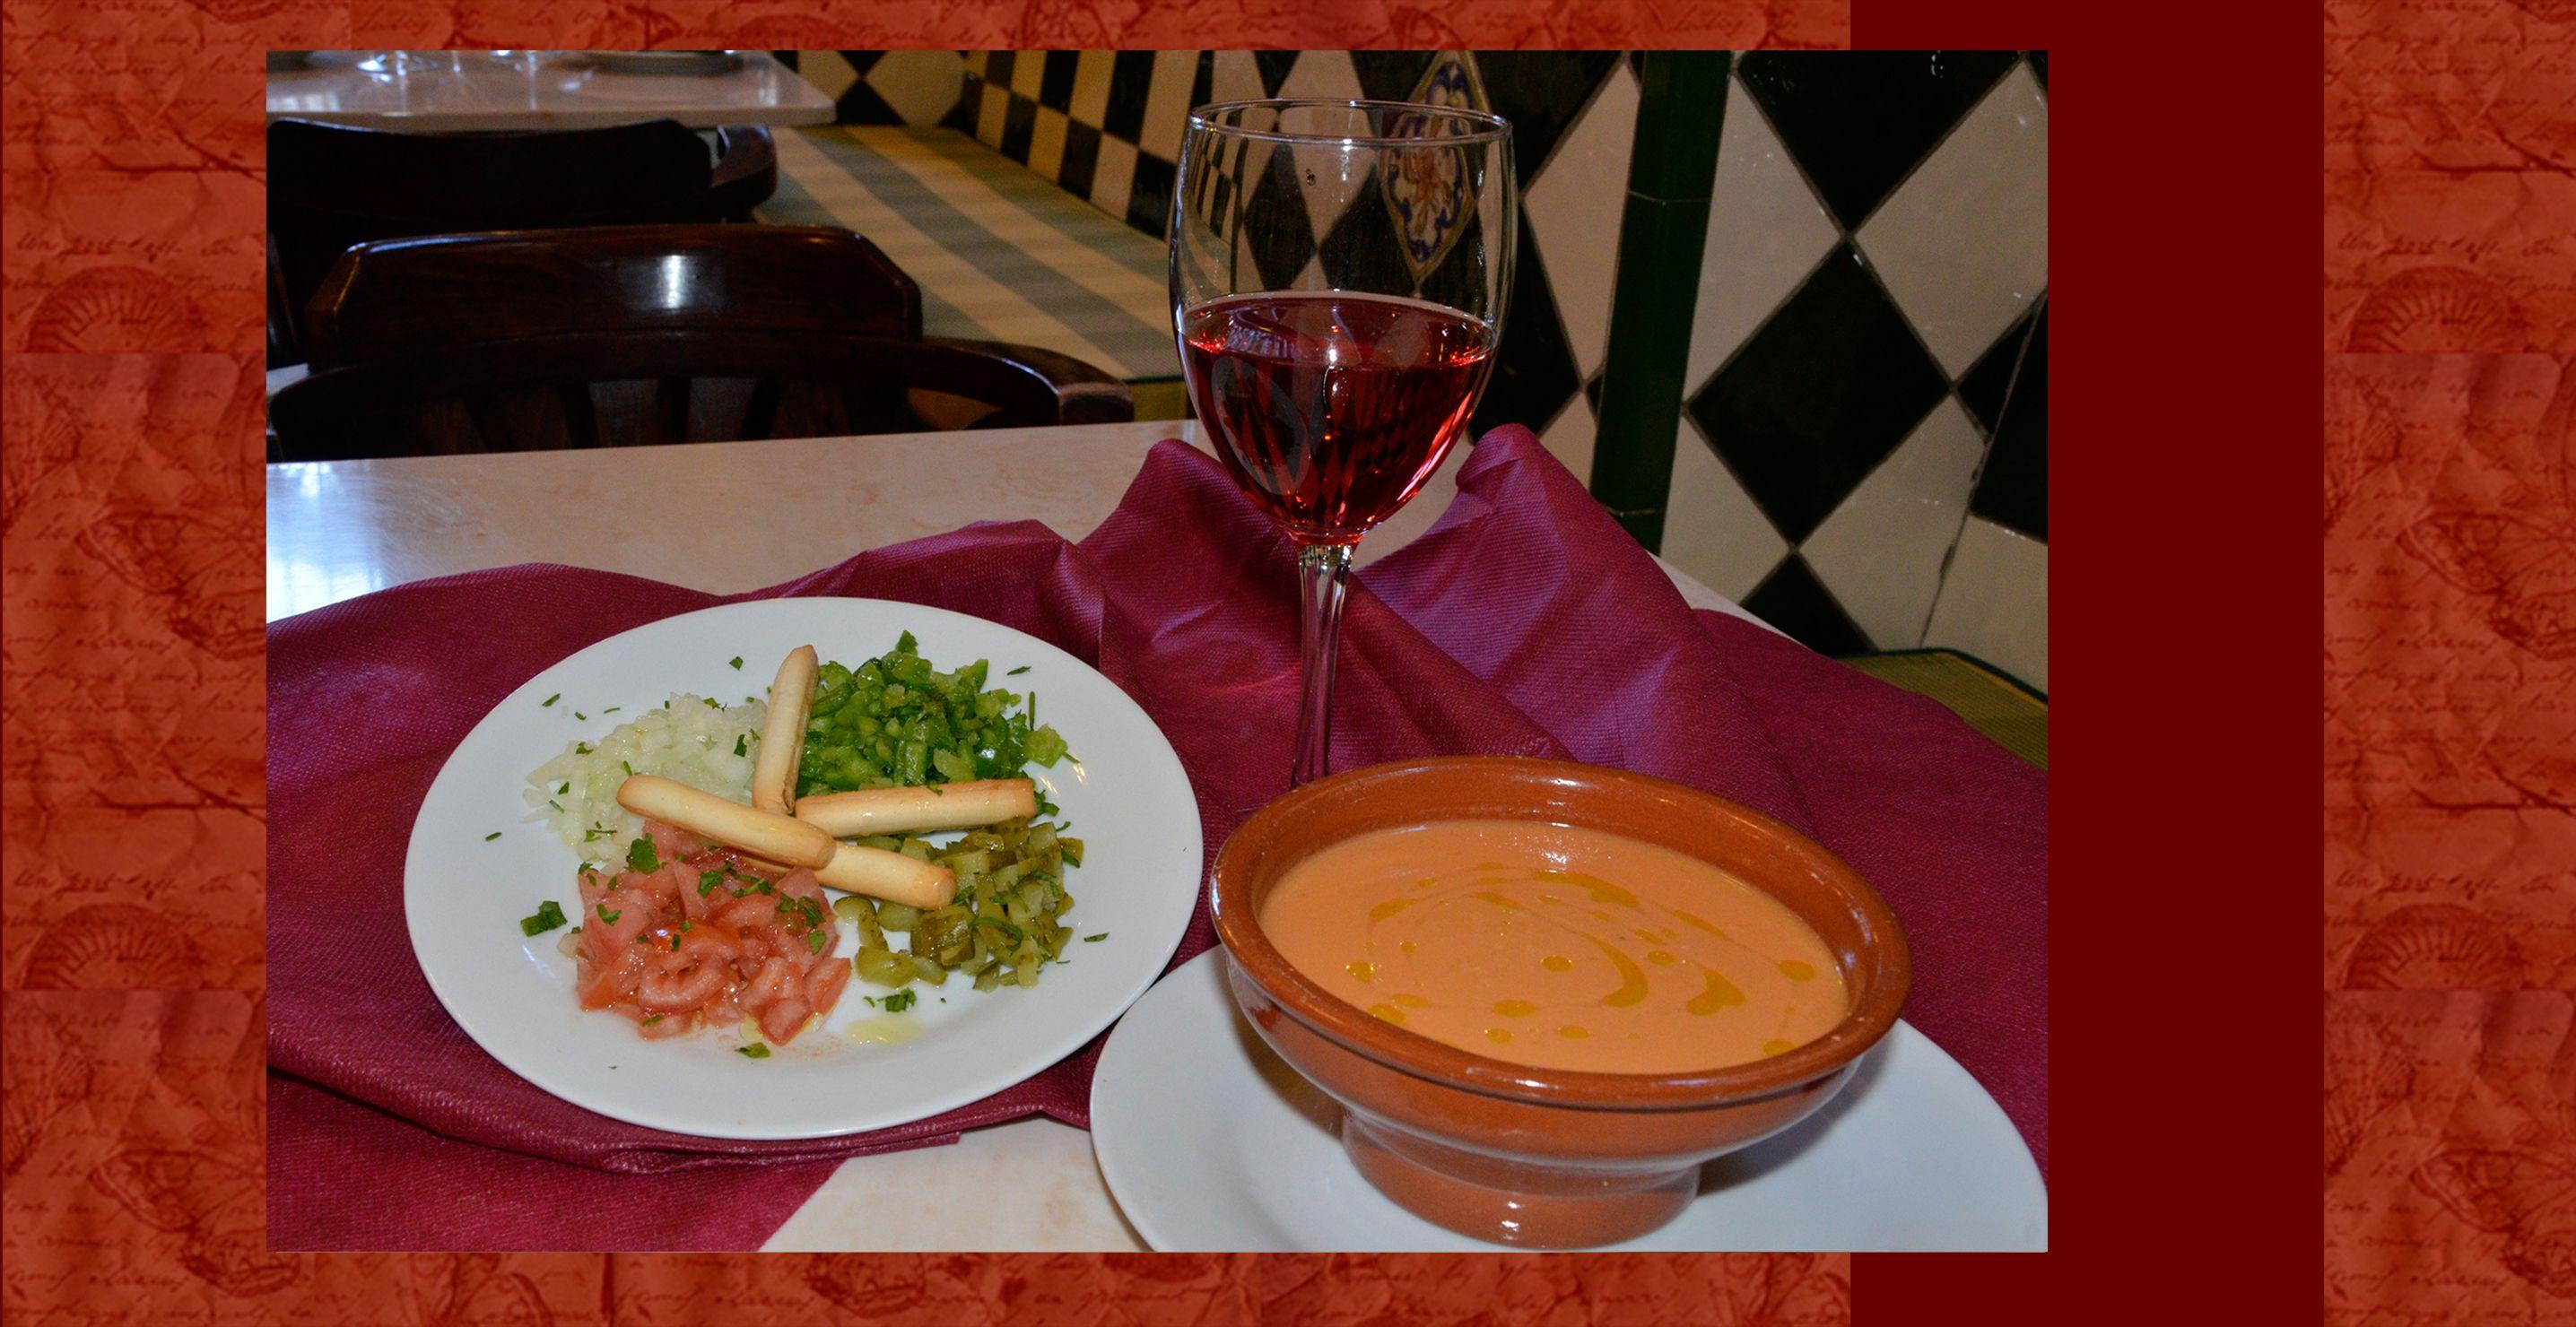 Tapear cerca del Palacio Real, Tapear zona de Opera, Comer cerca palacio Real, Comer cerca de la Catedral de la Almudena, Restaurantes cerca Palacio Real, Taberna El Anciano Rey de los Vinos